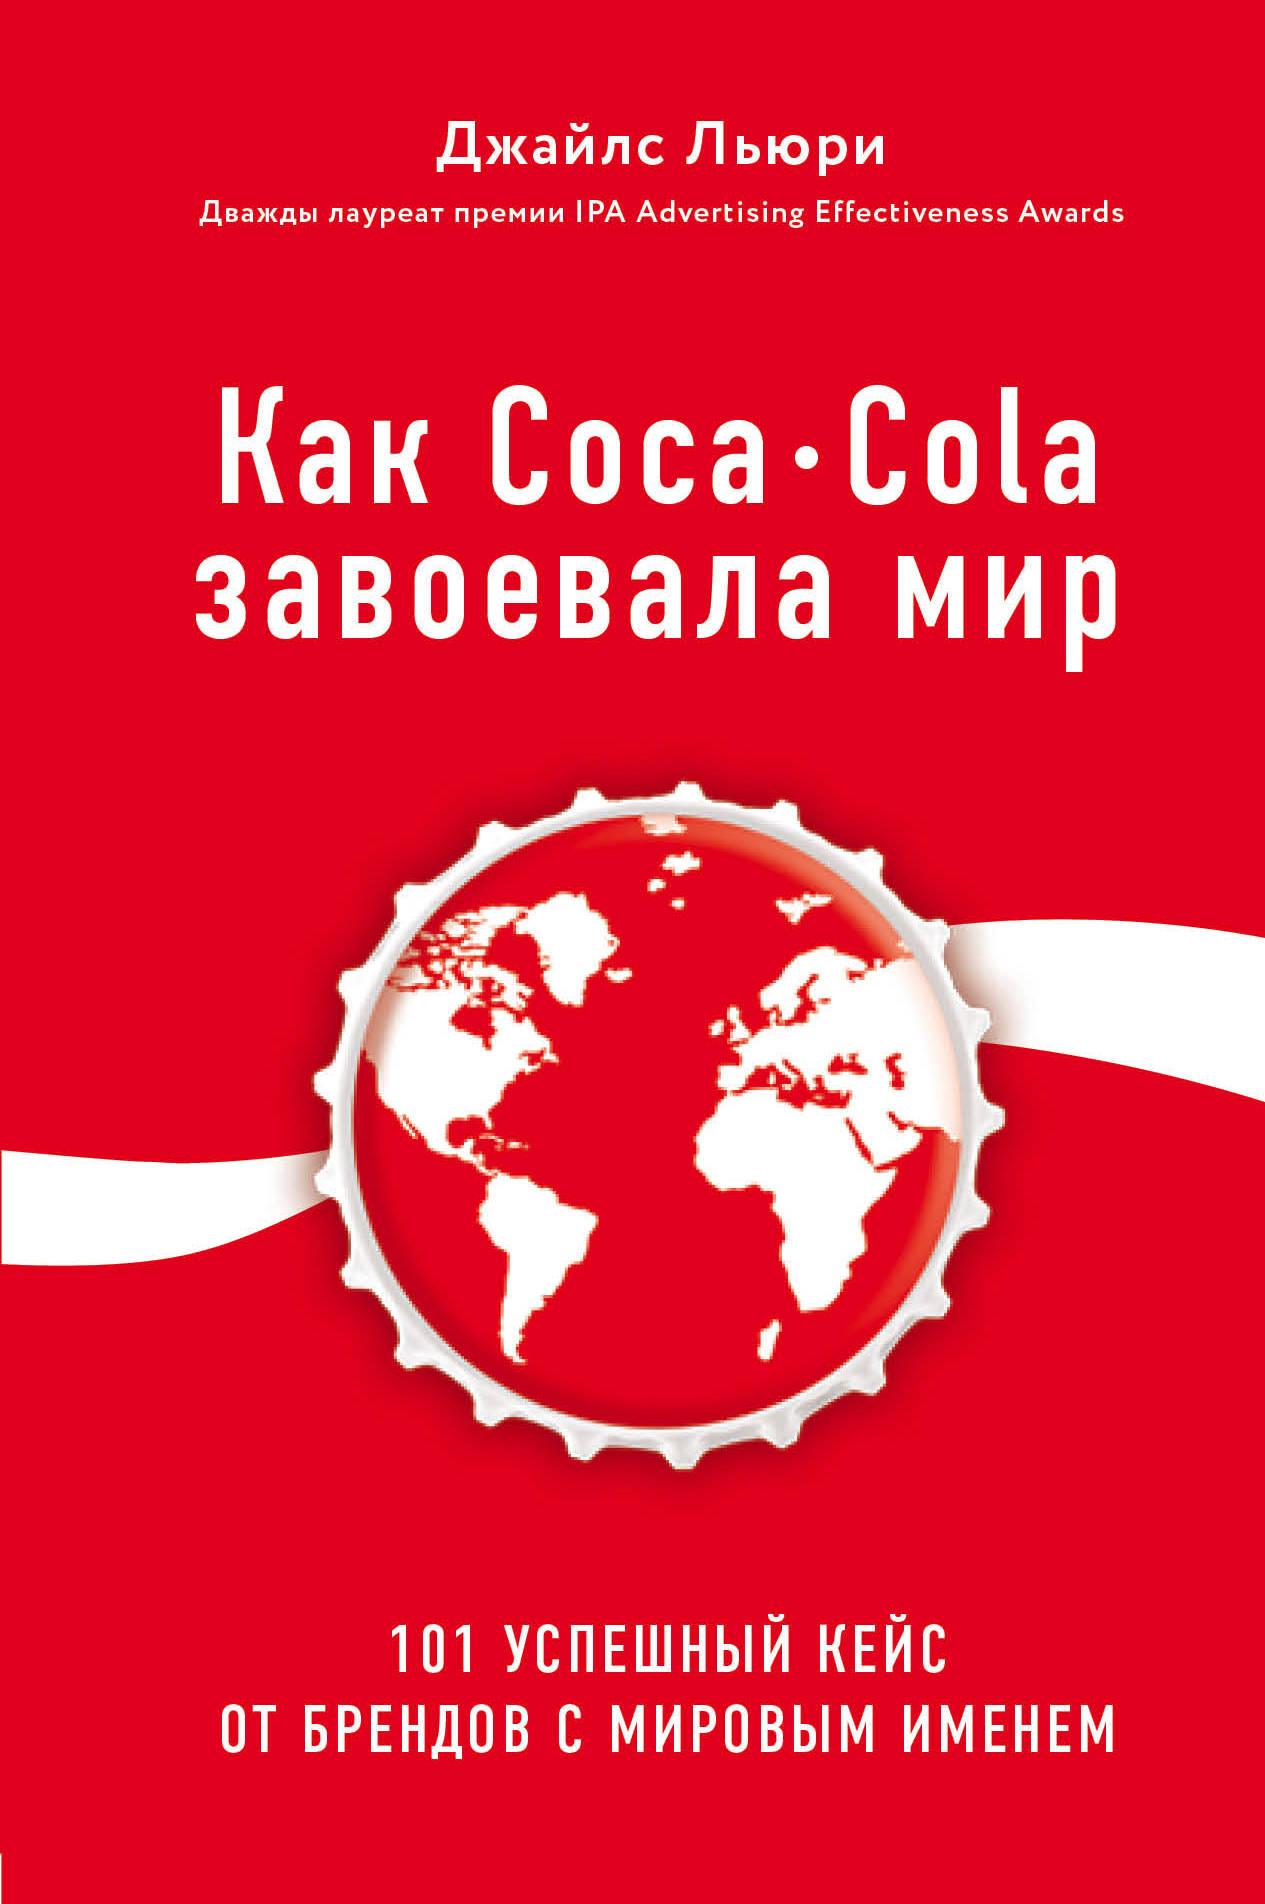 Как Coca-Cola завоевала мир. 101 успешный кейс от брендов с мировым именем